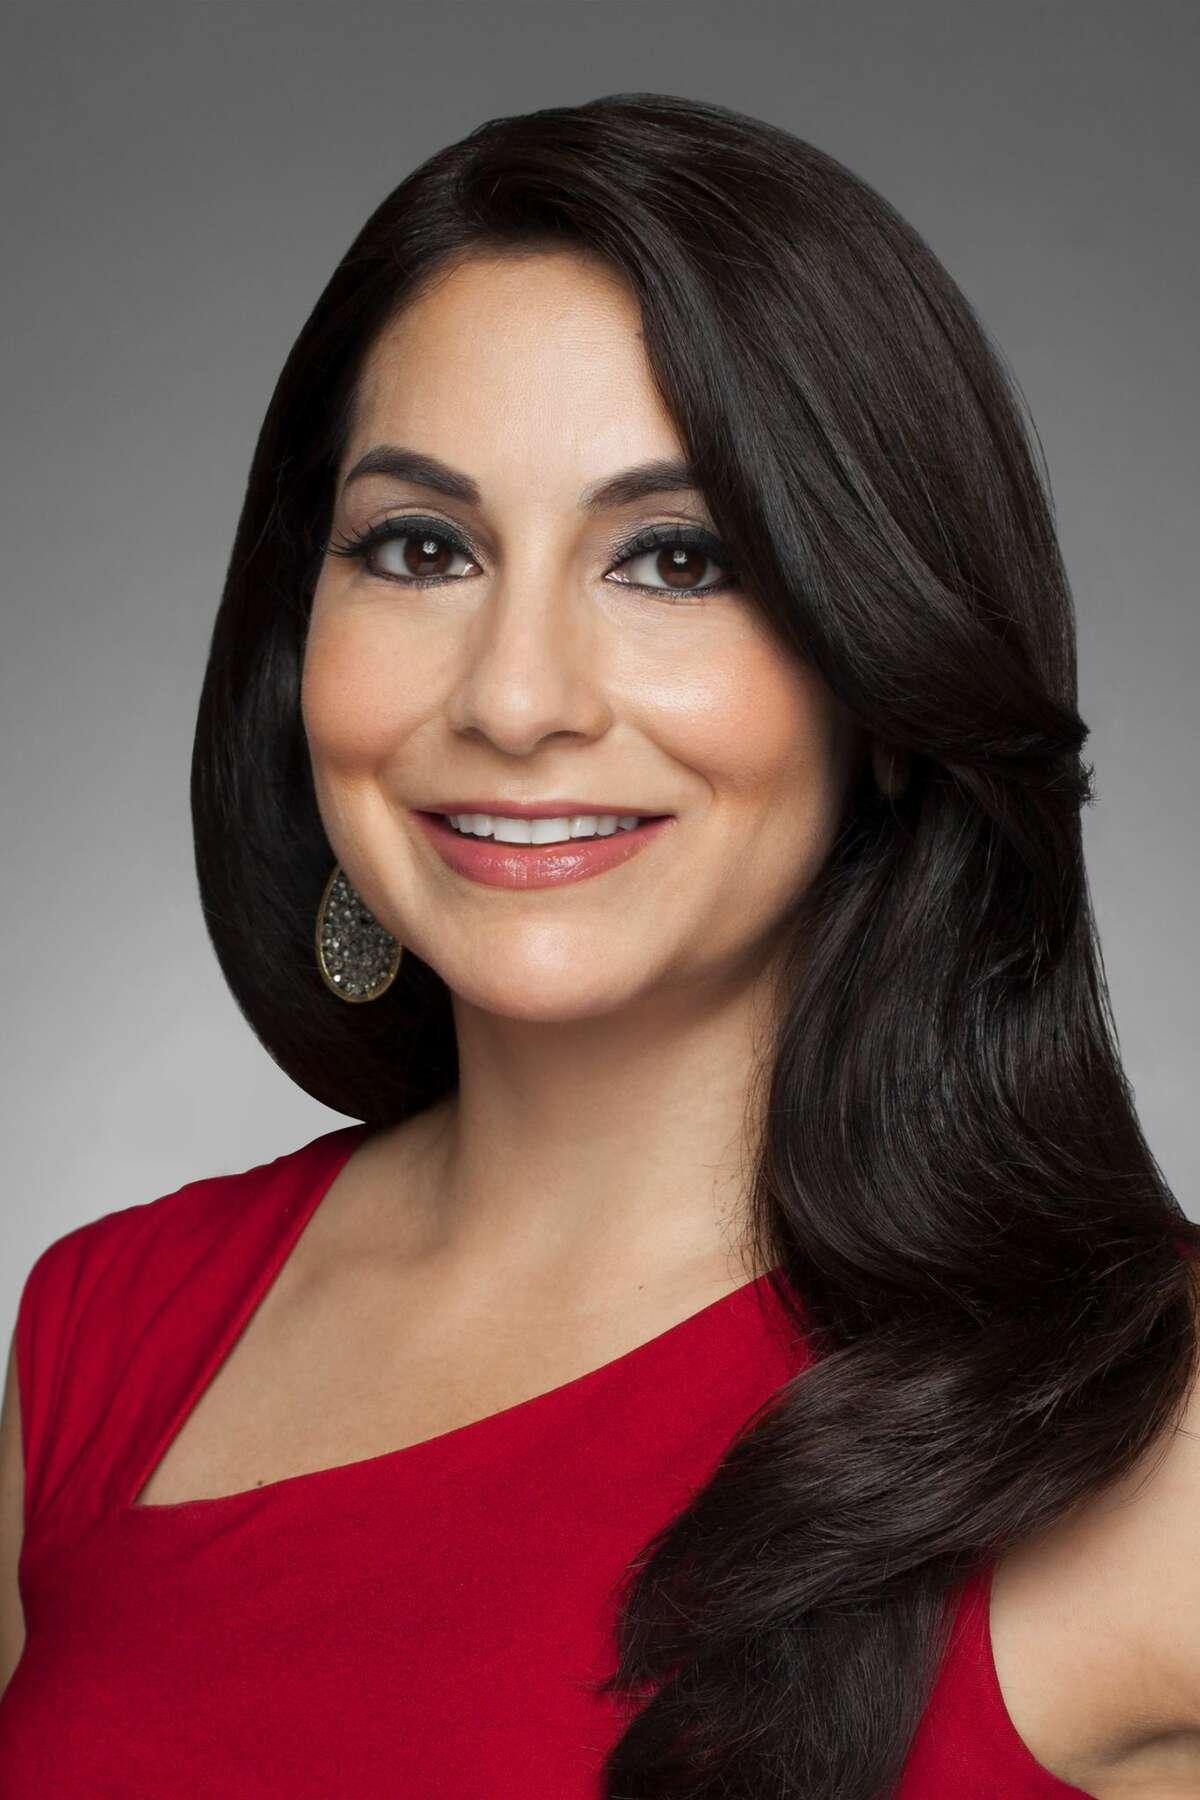 KSAT 12 has named Stephanie Serna as the new anchor of